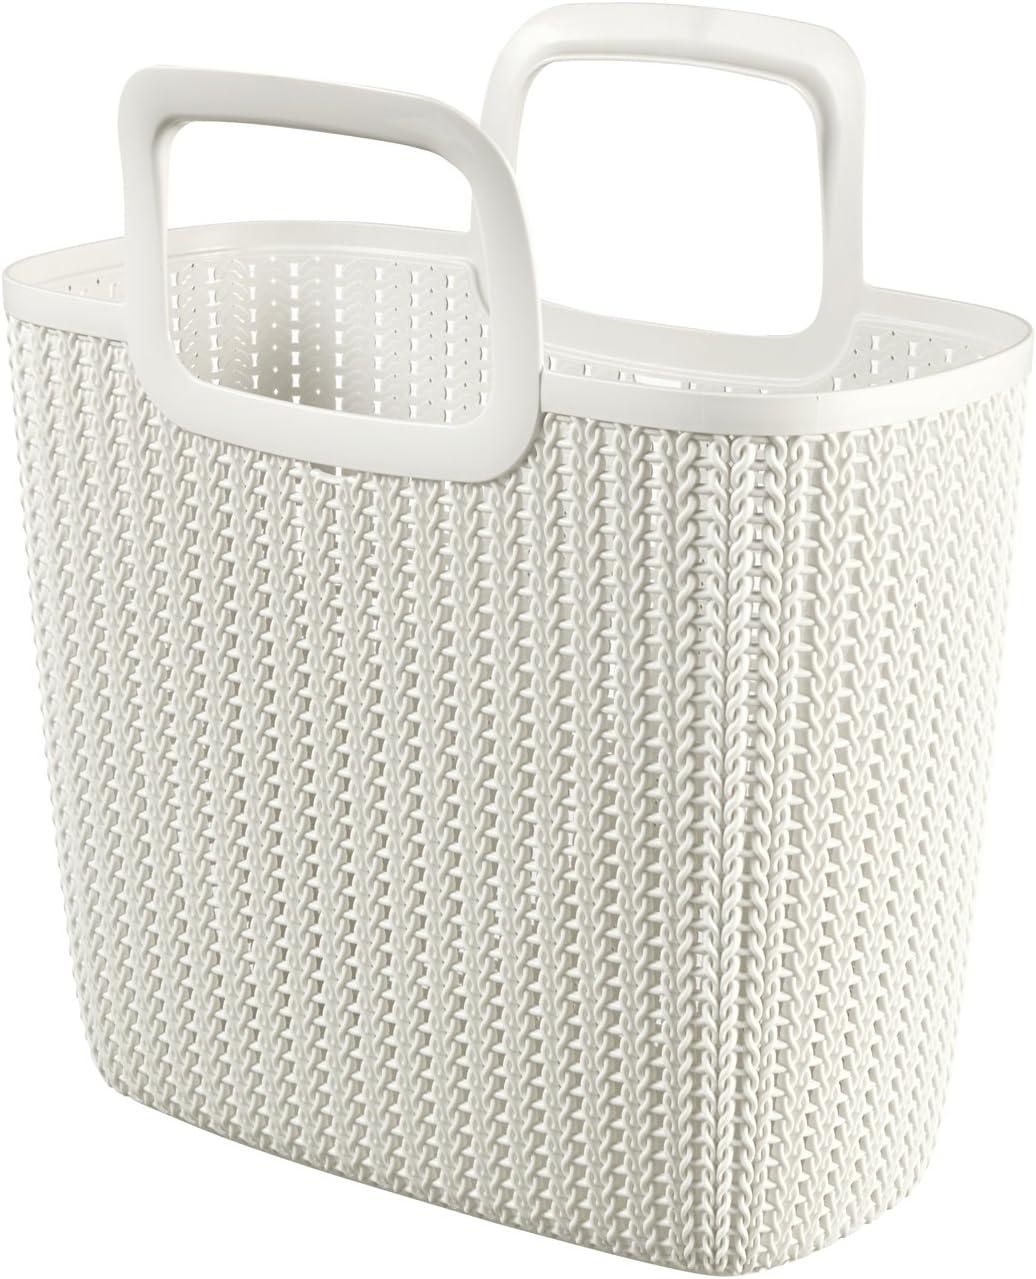 CURVER 3253923972009 Shopping Bag - Shopping Bags (Reusable Shopping Bag, Color Blanco, Prendas de Punto): Amazon.es: Hogar